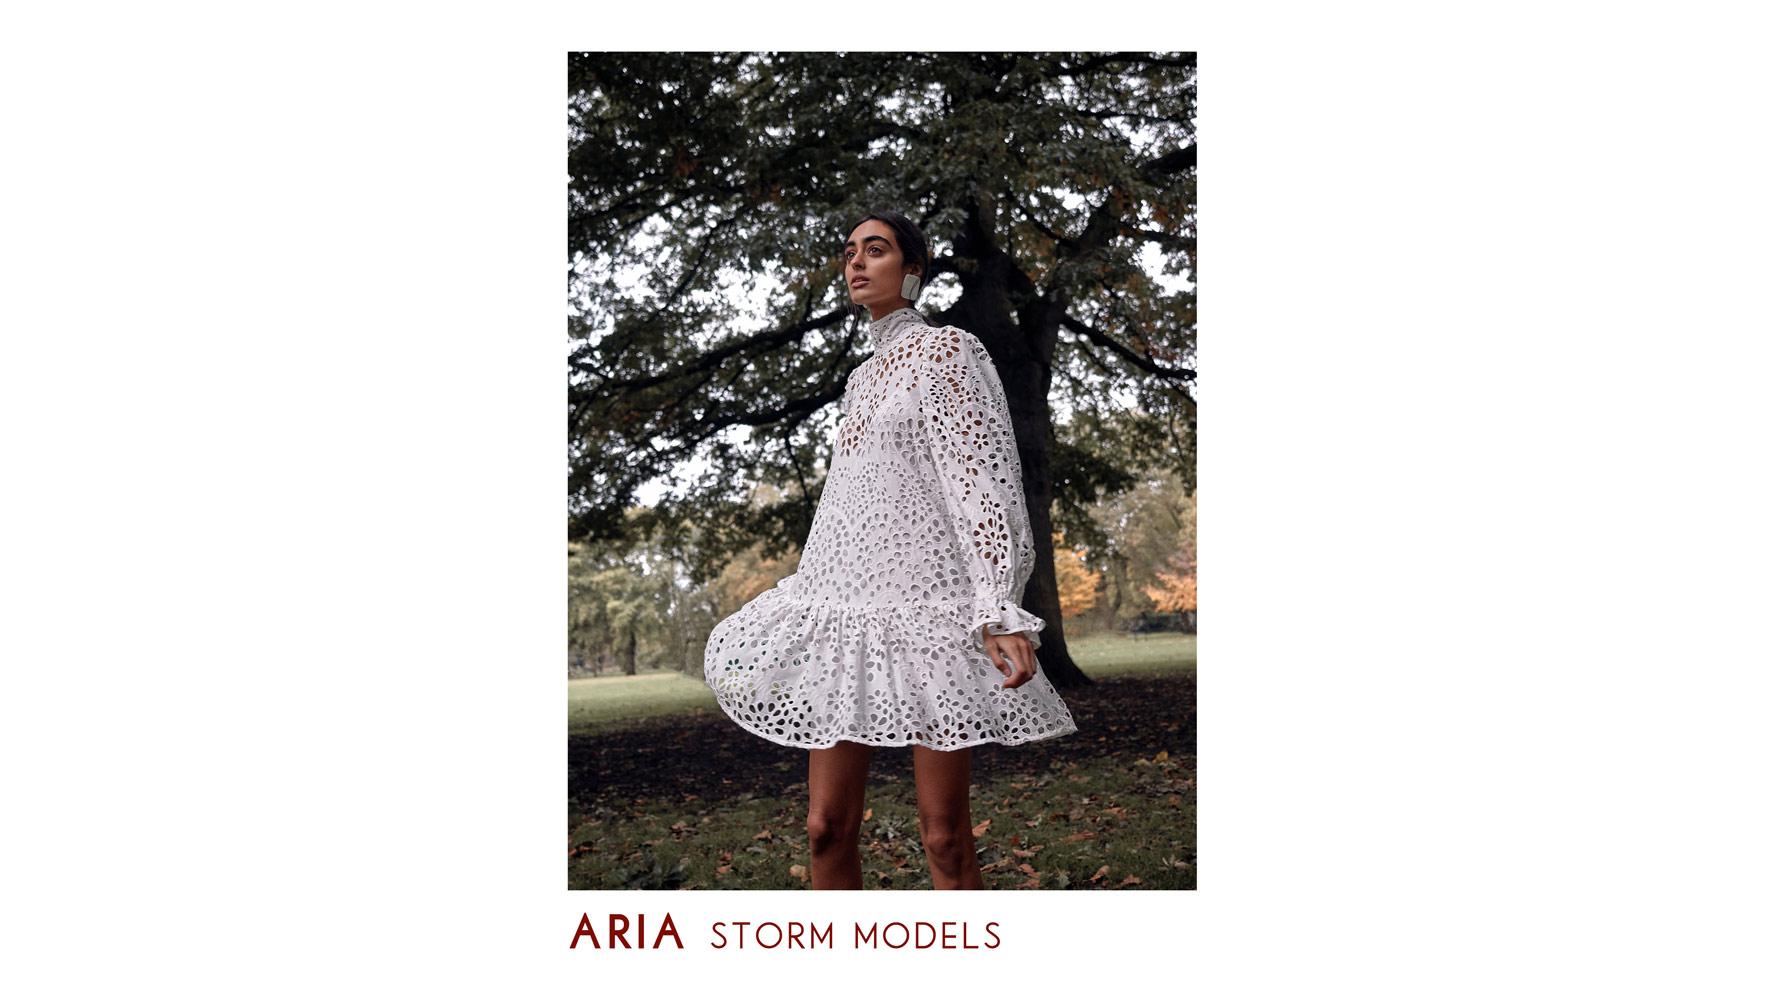 Aria – Storm Models